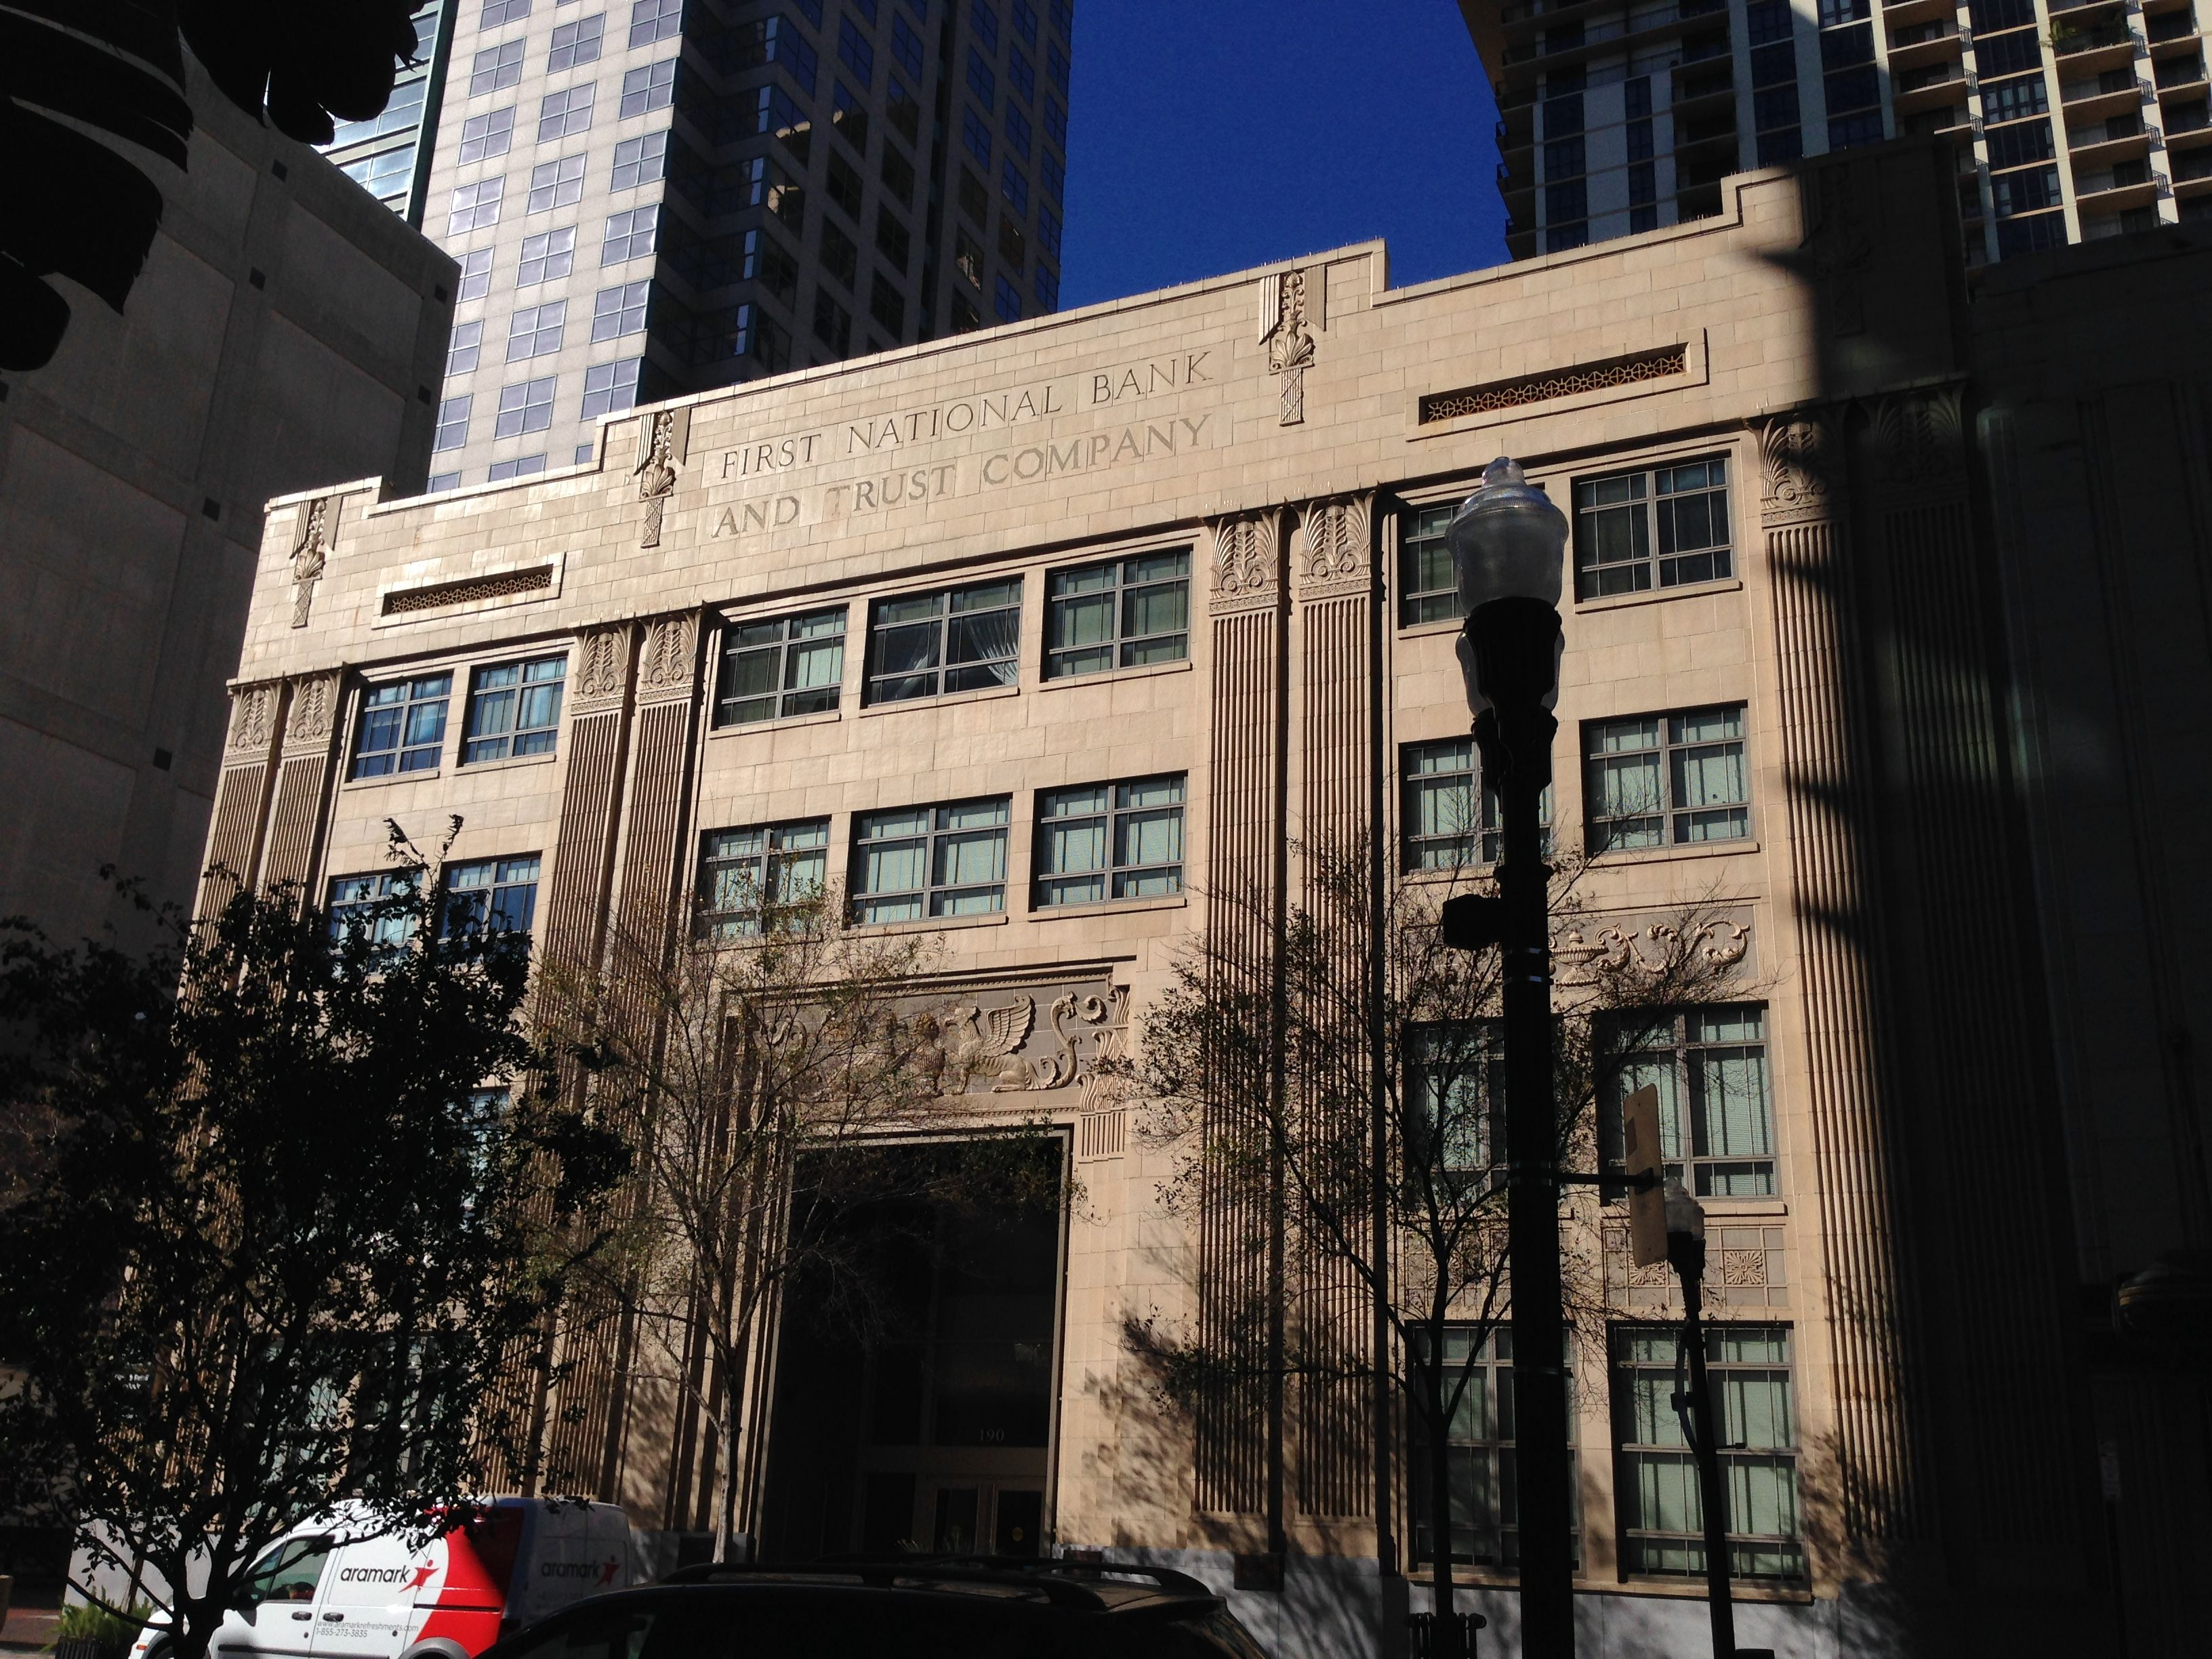 Tours Of Downtown Downtown Art Deco Buildings City